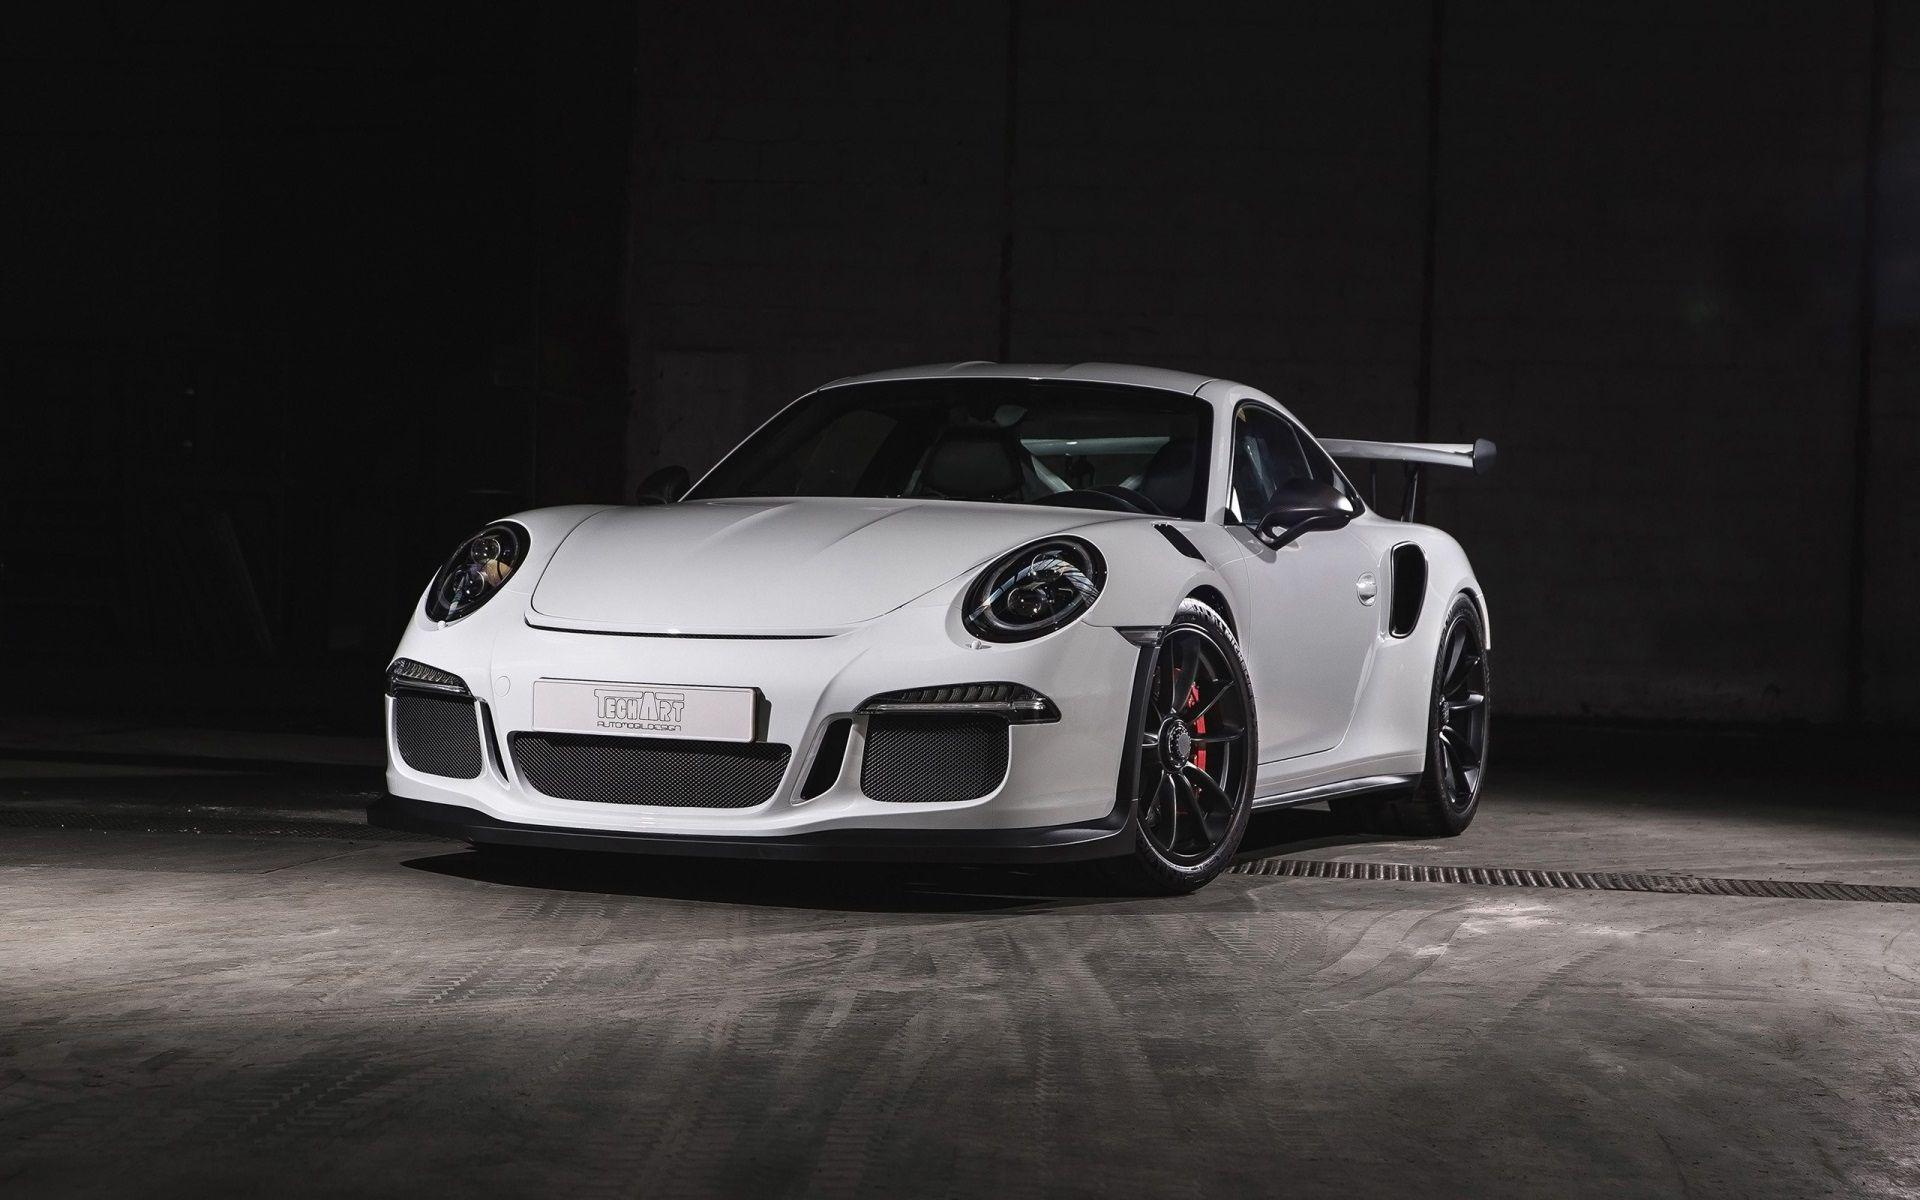 1920x1200 Techart New Wallpaper In Hd Porsche 911 Gt3 Porsche 911 Porsche Cars